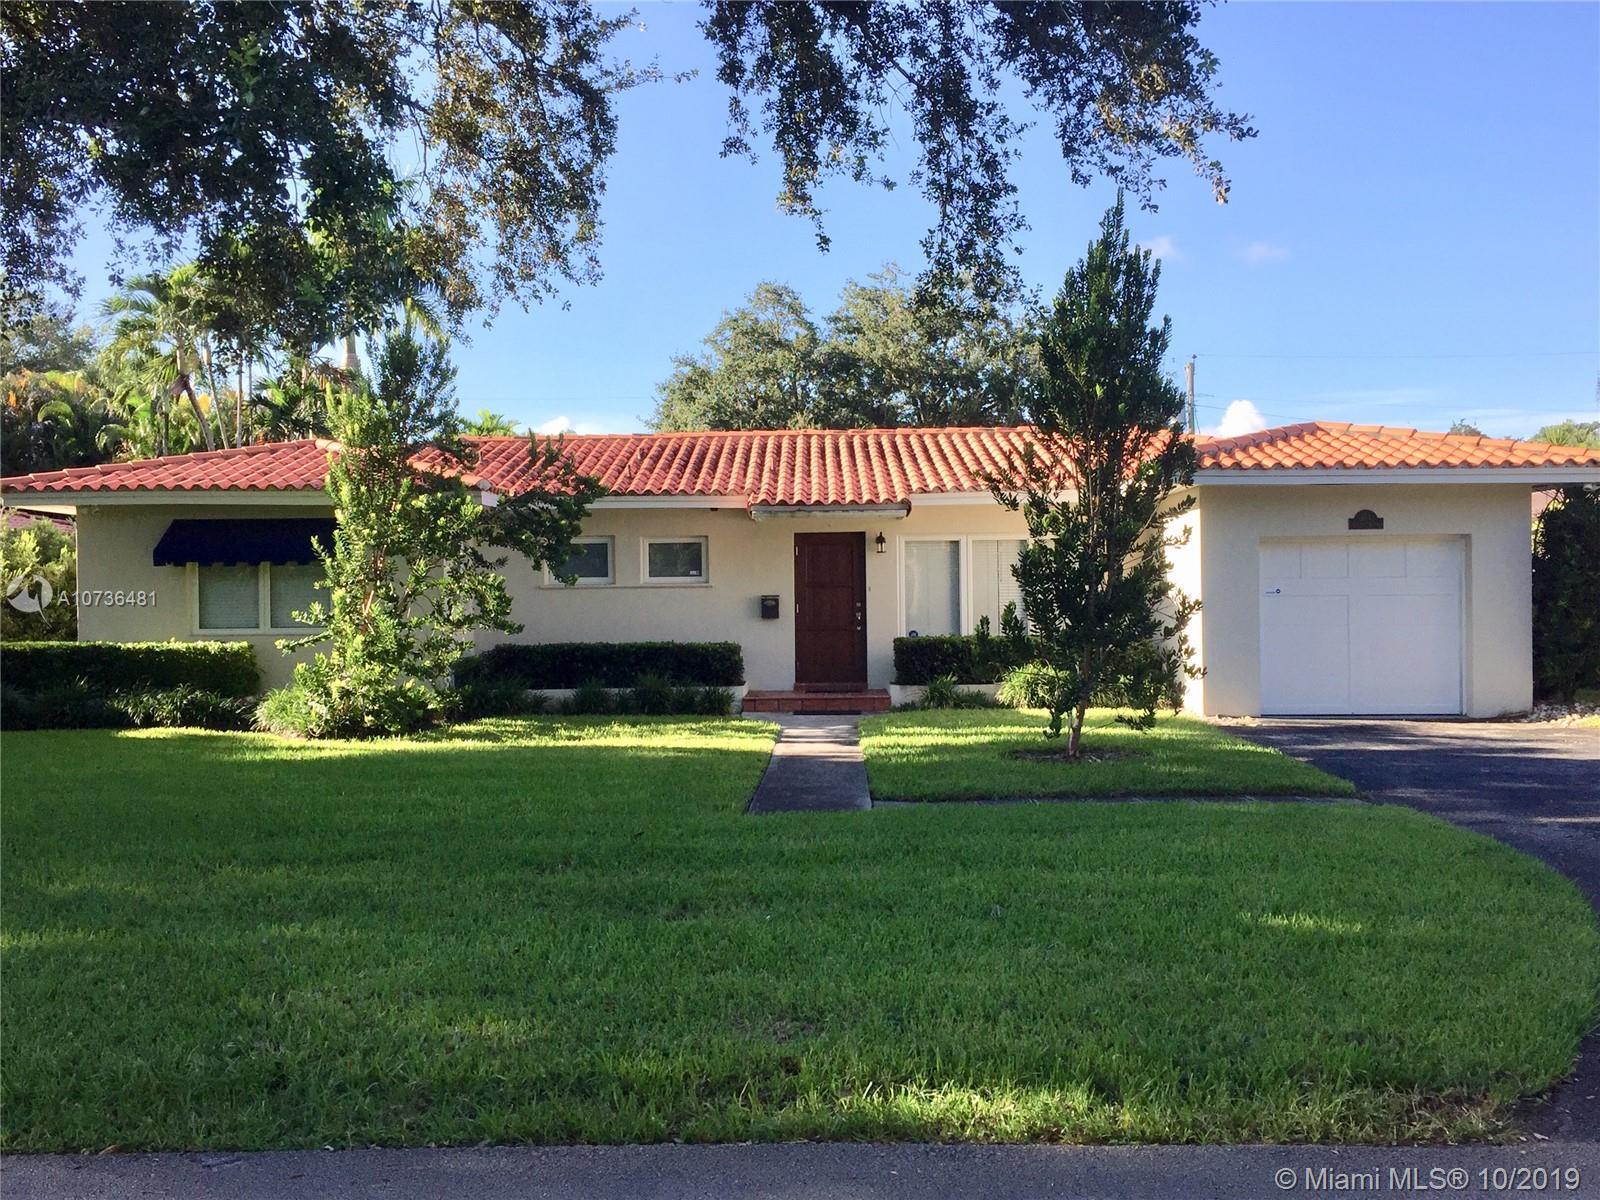 1114  Placetas Ave  For Sale A10736481, FL